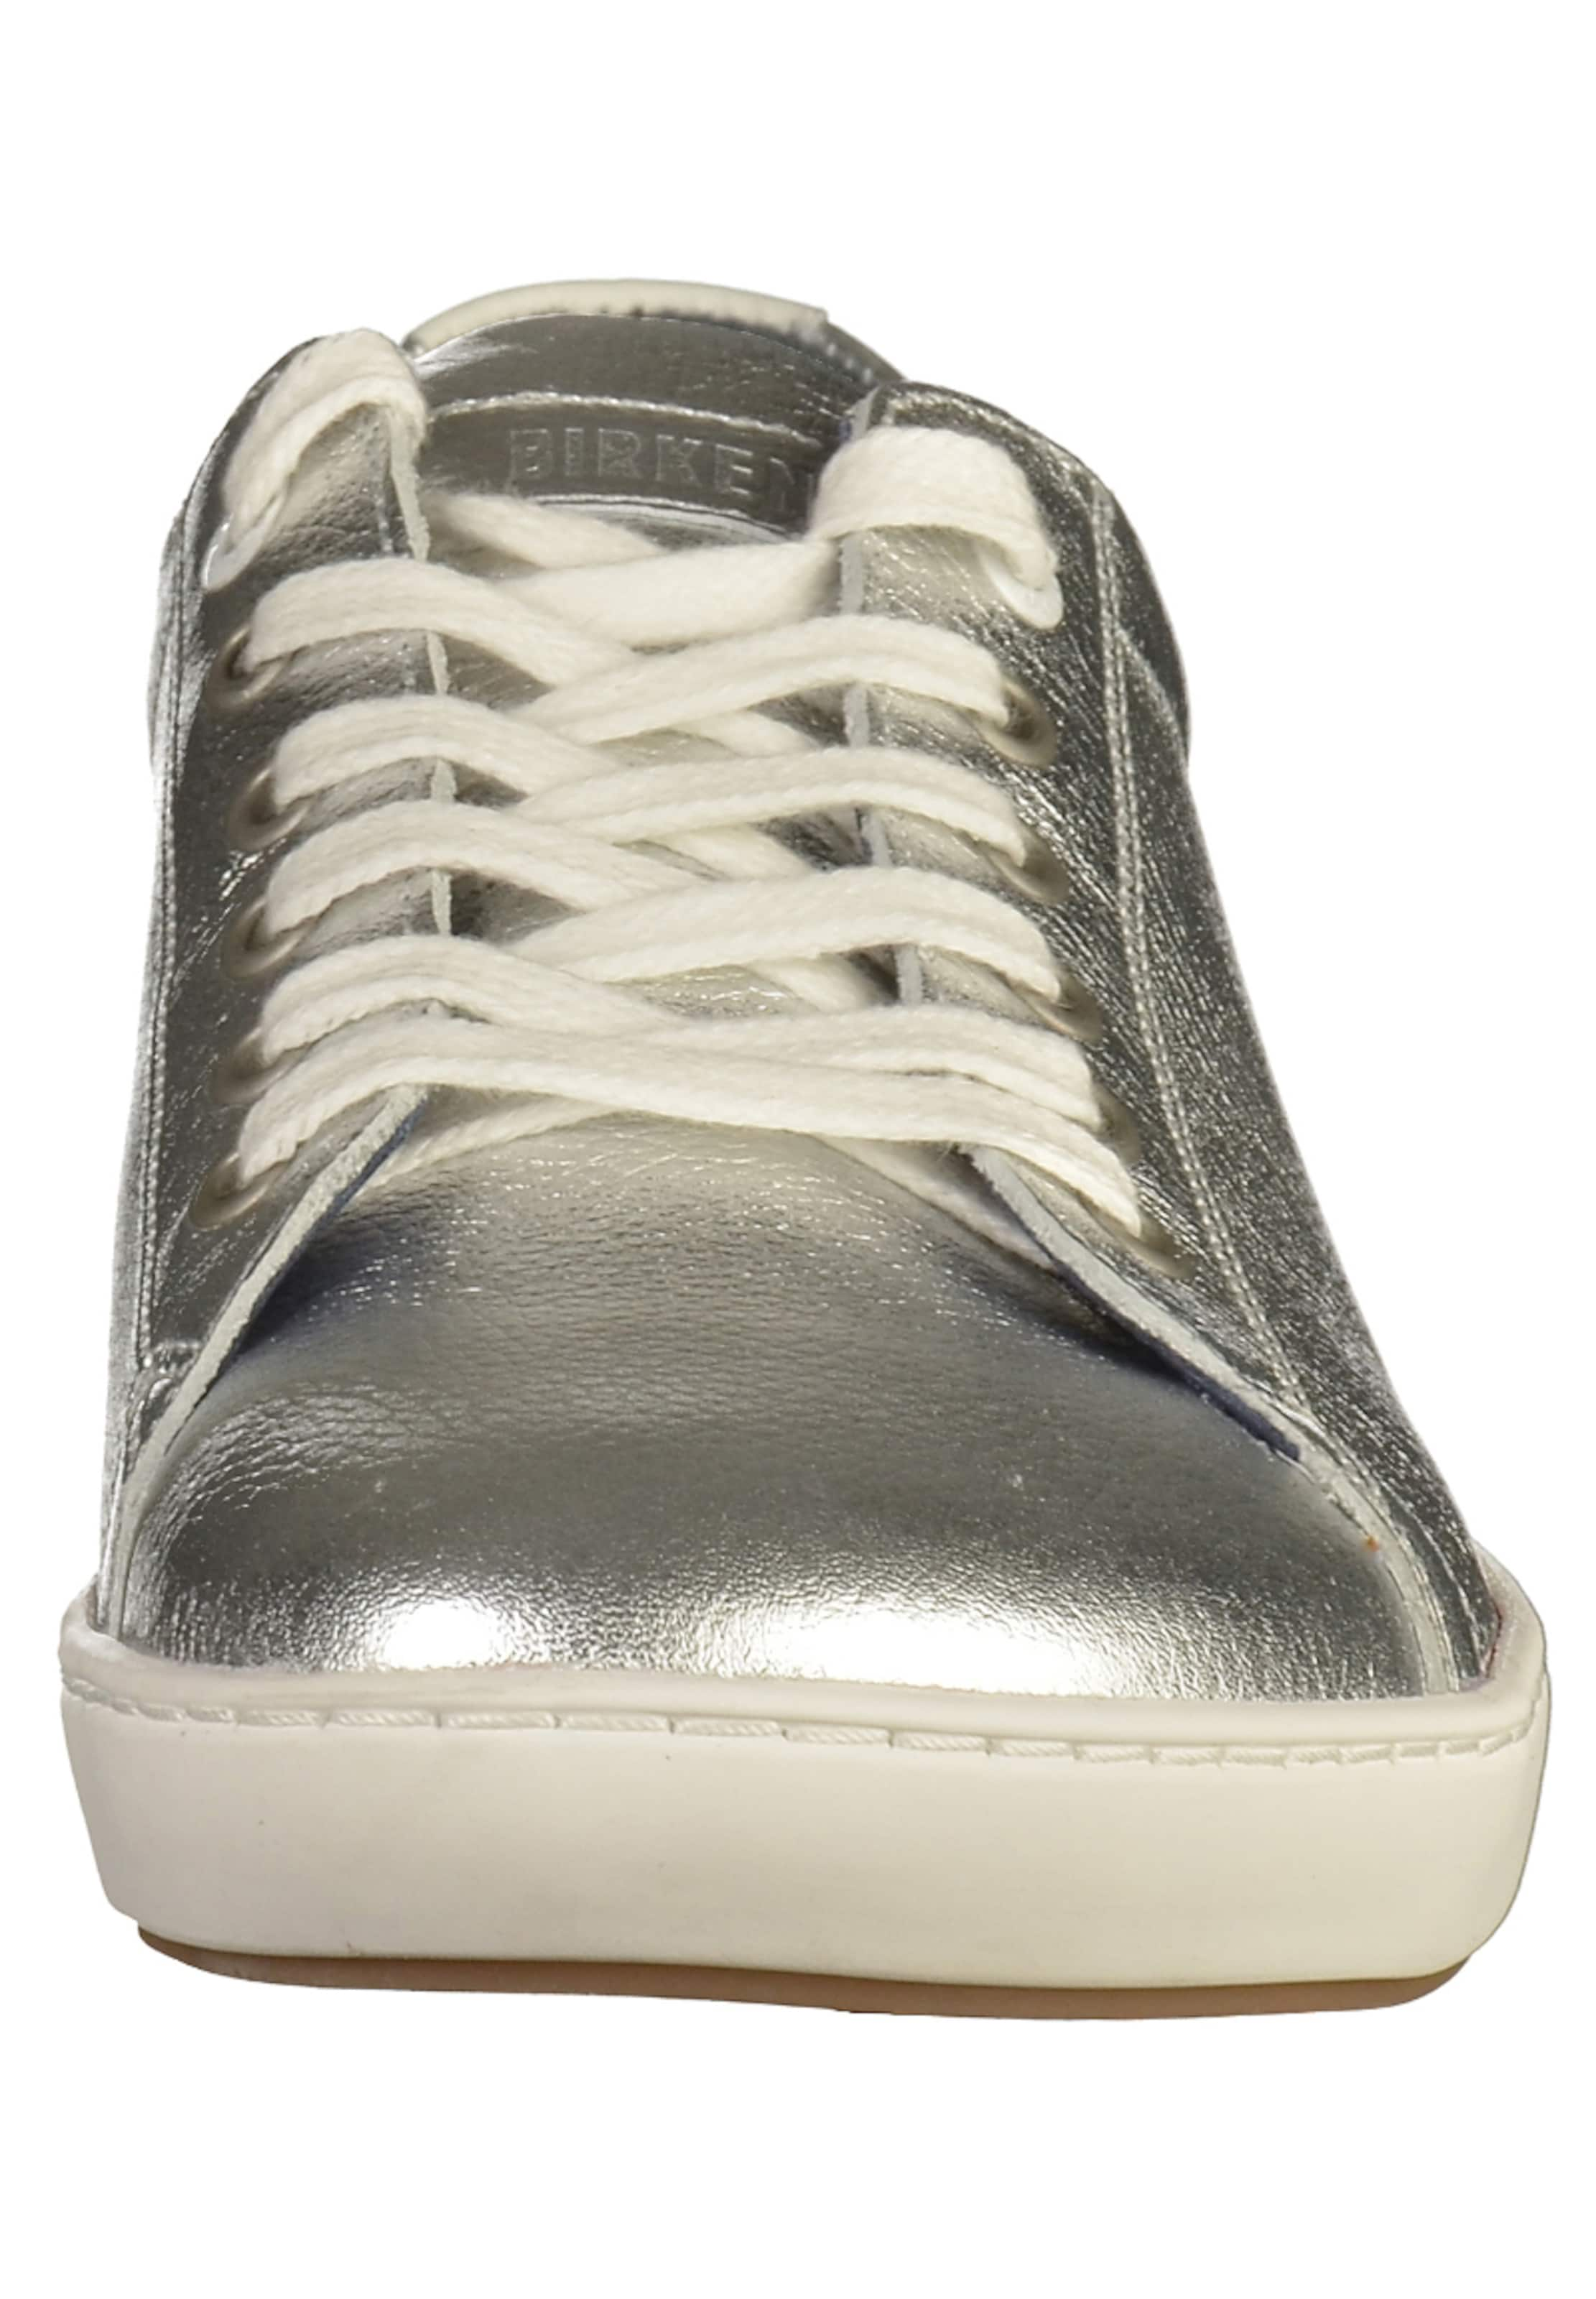 Sneaker 'arran' Silber Sneaker In Birkenstock 'arran' In Birkenstock Silber OkXiPZu